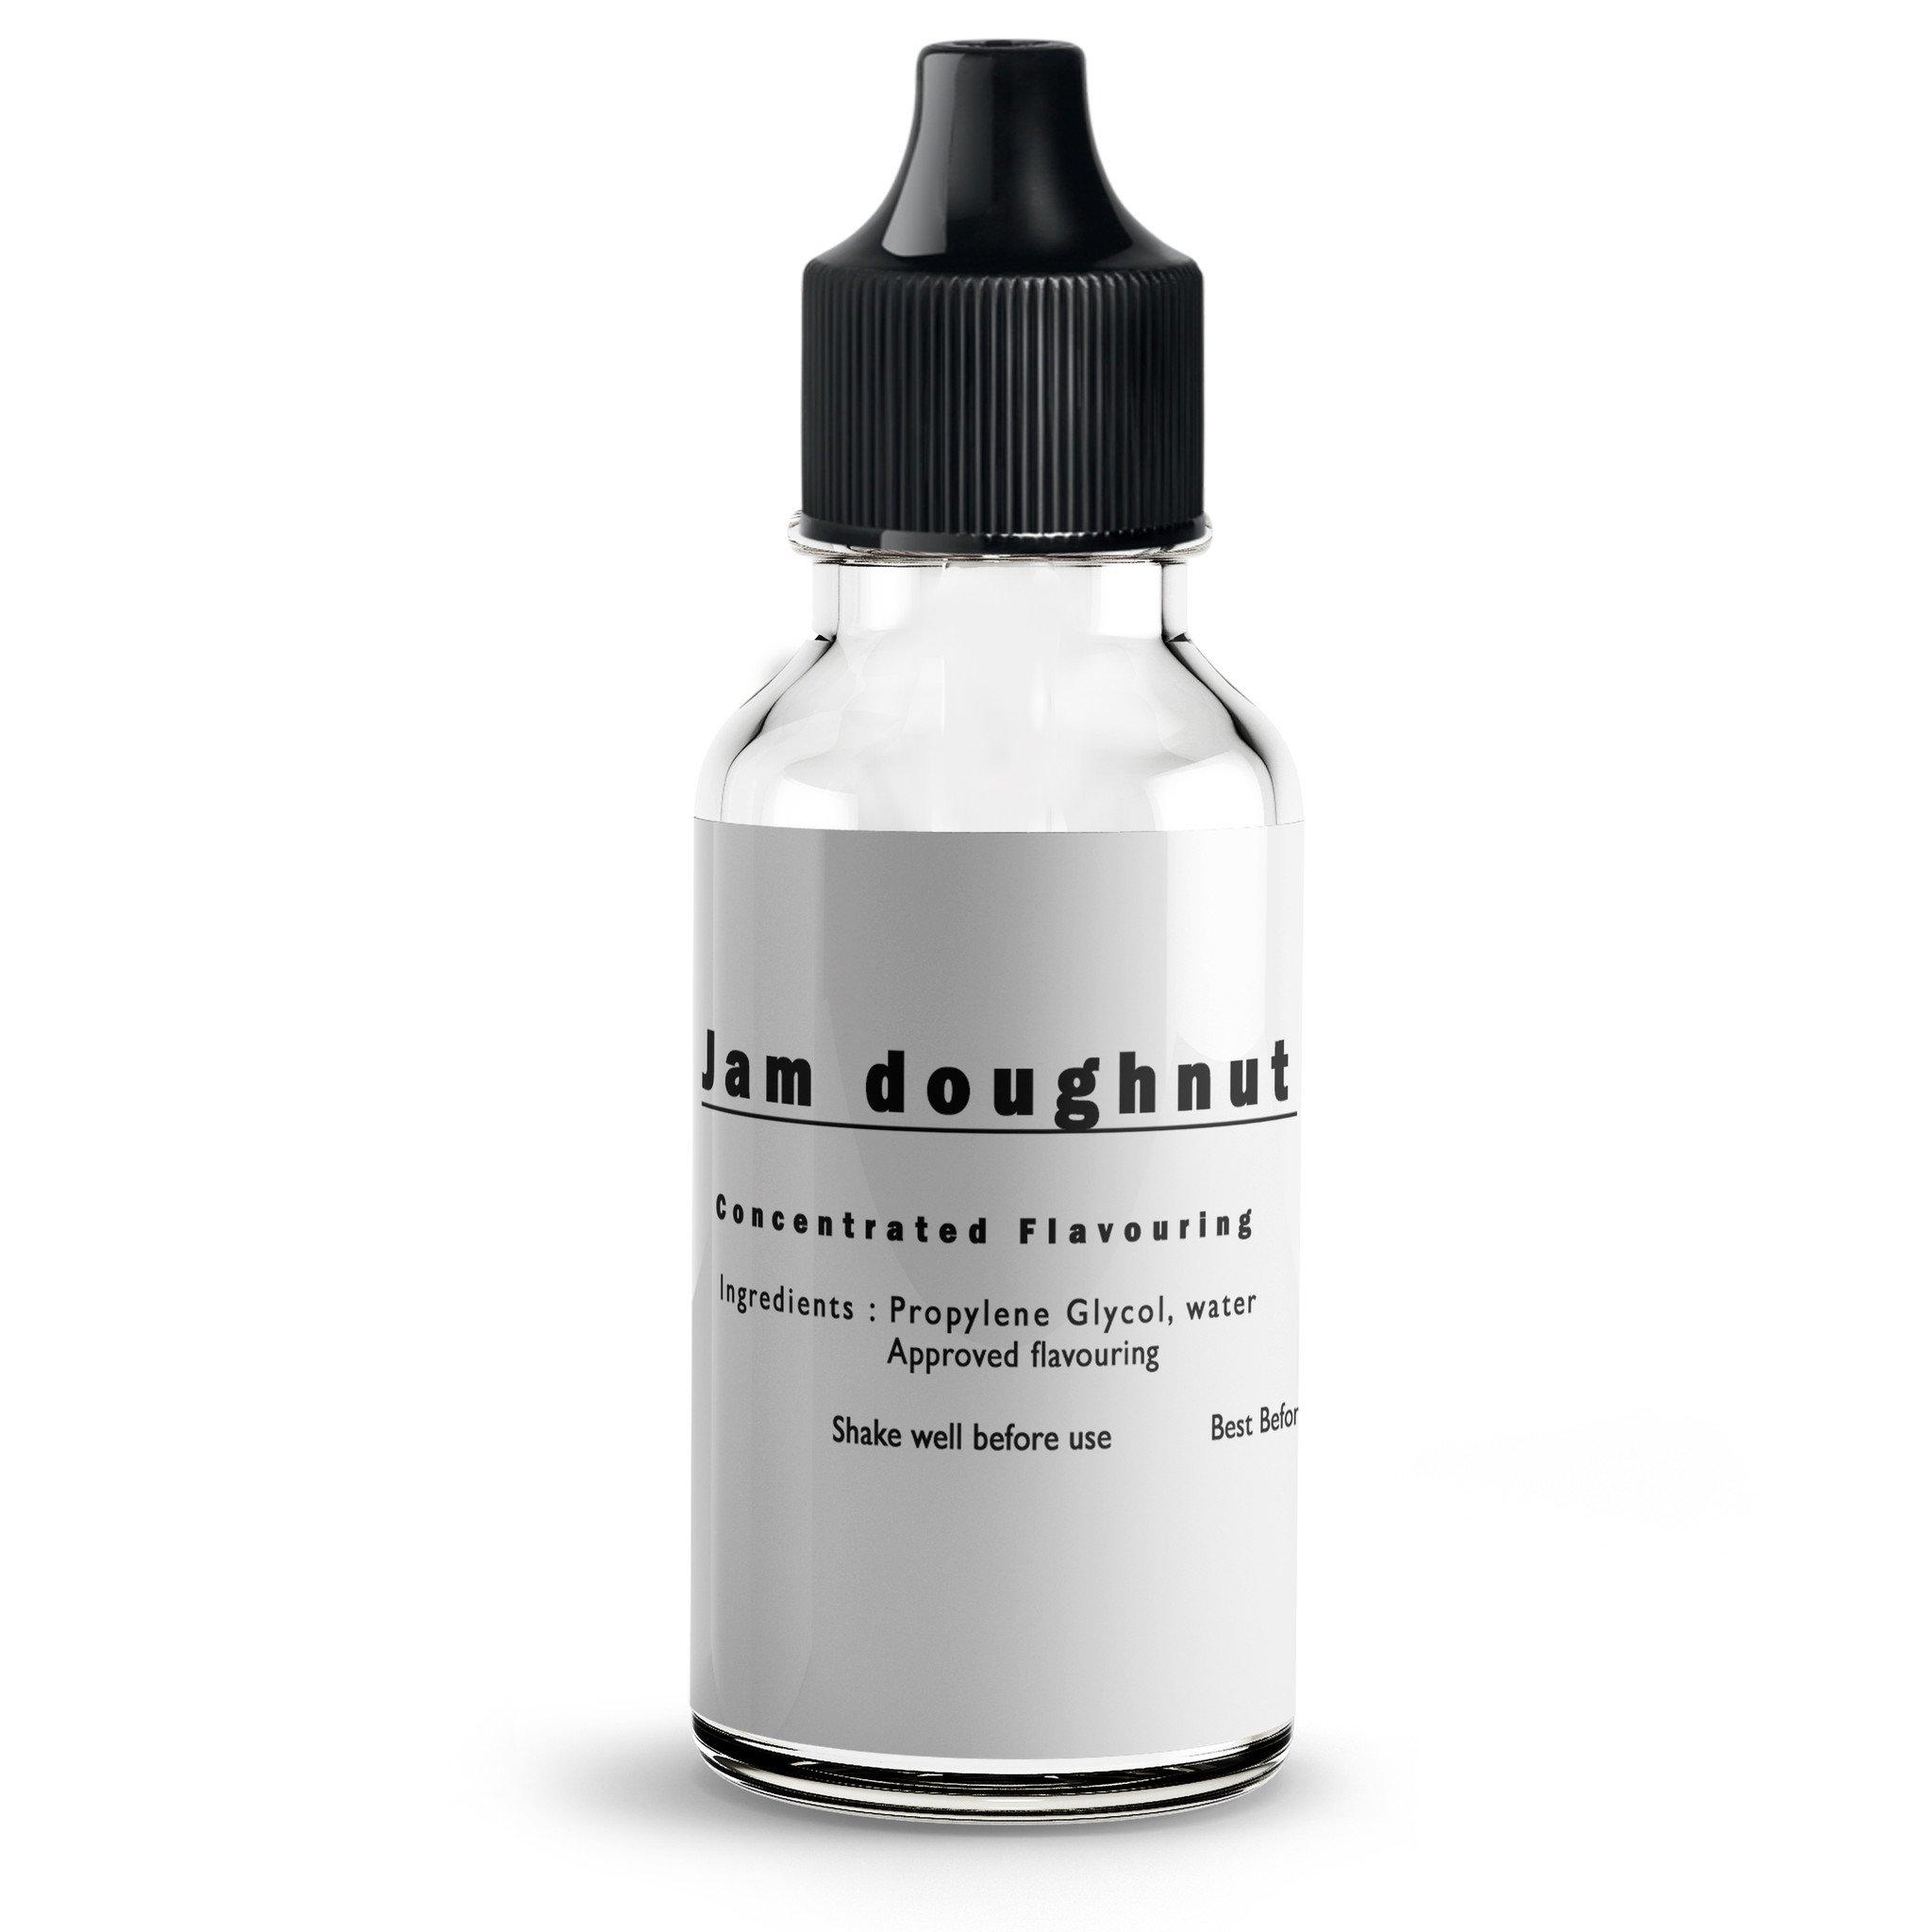 Jam Doughnut Flavour Concentrate for E liquids